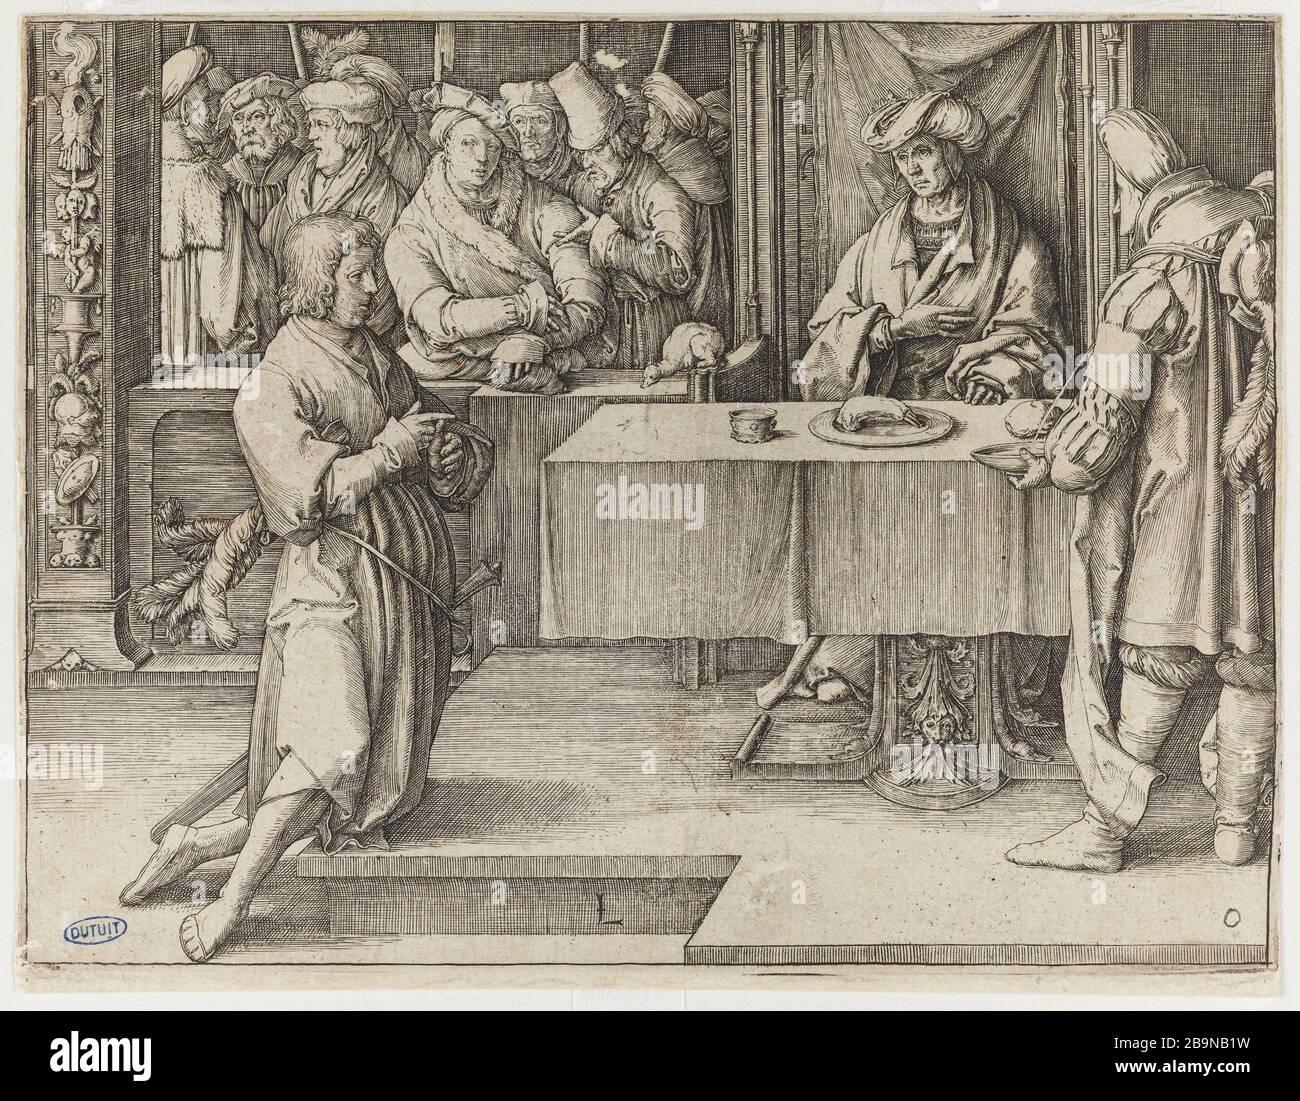 """The Story of Joseph, 5 boards - 5. Joseph interpreting Pharaoh's dreams - Bartsch 23 Lucas de Leyde (1494-1533). """"L'Histoire de Joseph"""" : 5 planches - 5. """"Joseph interprétant les songes de Pharaon"""" - Bartsch 23. Burin. 1512. Musée des Beaux-Arts de la Ville de Paris, Petit Palais. Stock Photo"""